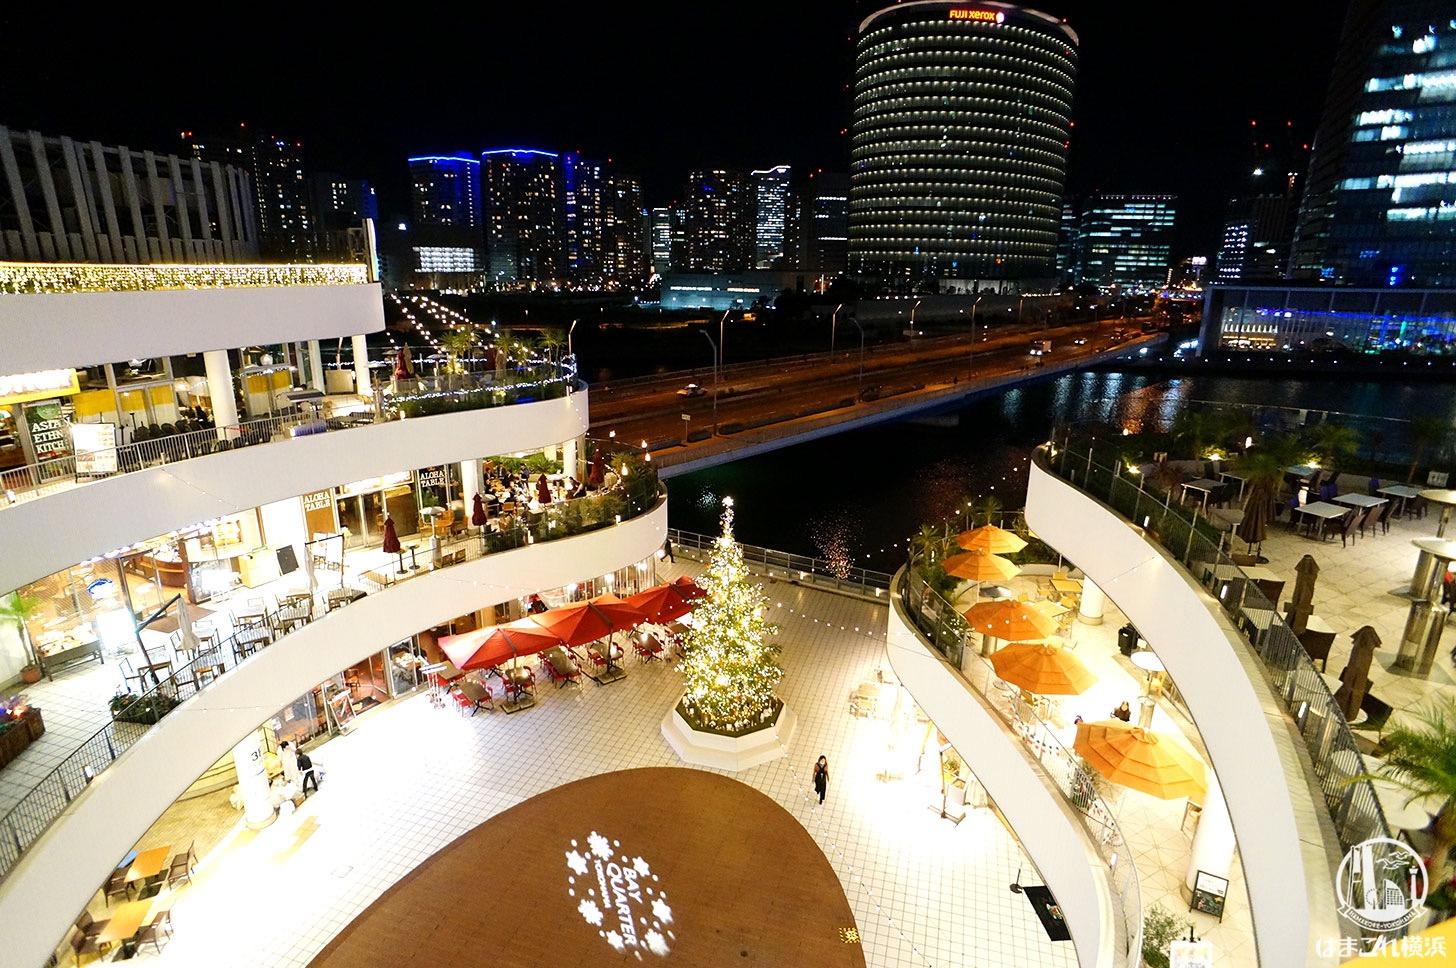 横浜ベイクォーター クリスマスツリーと夜景